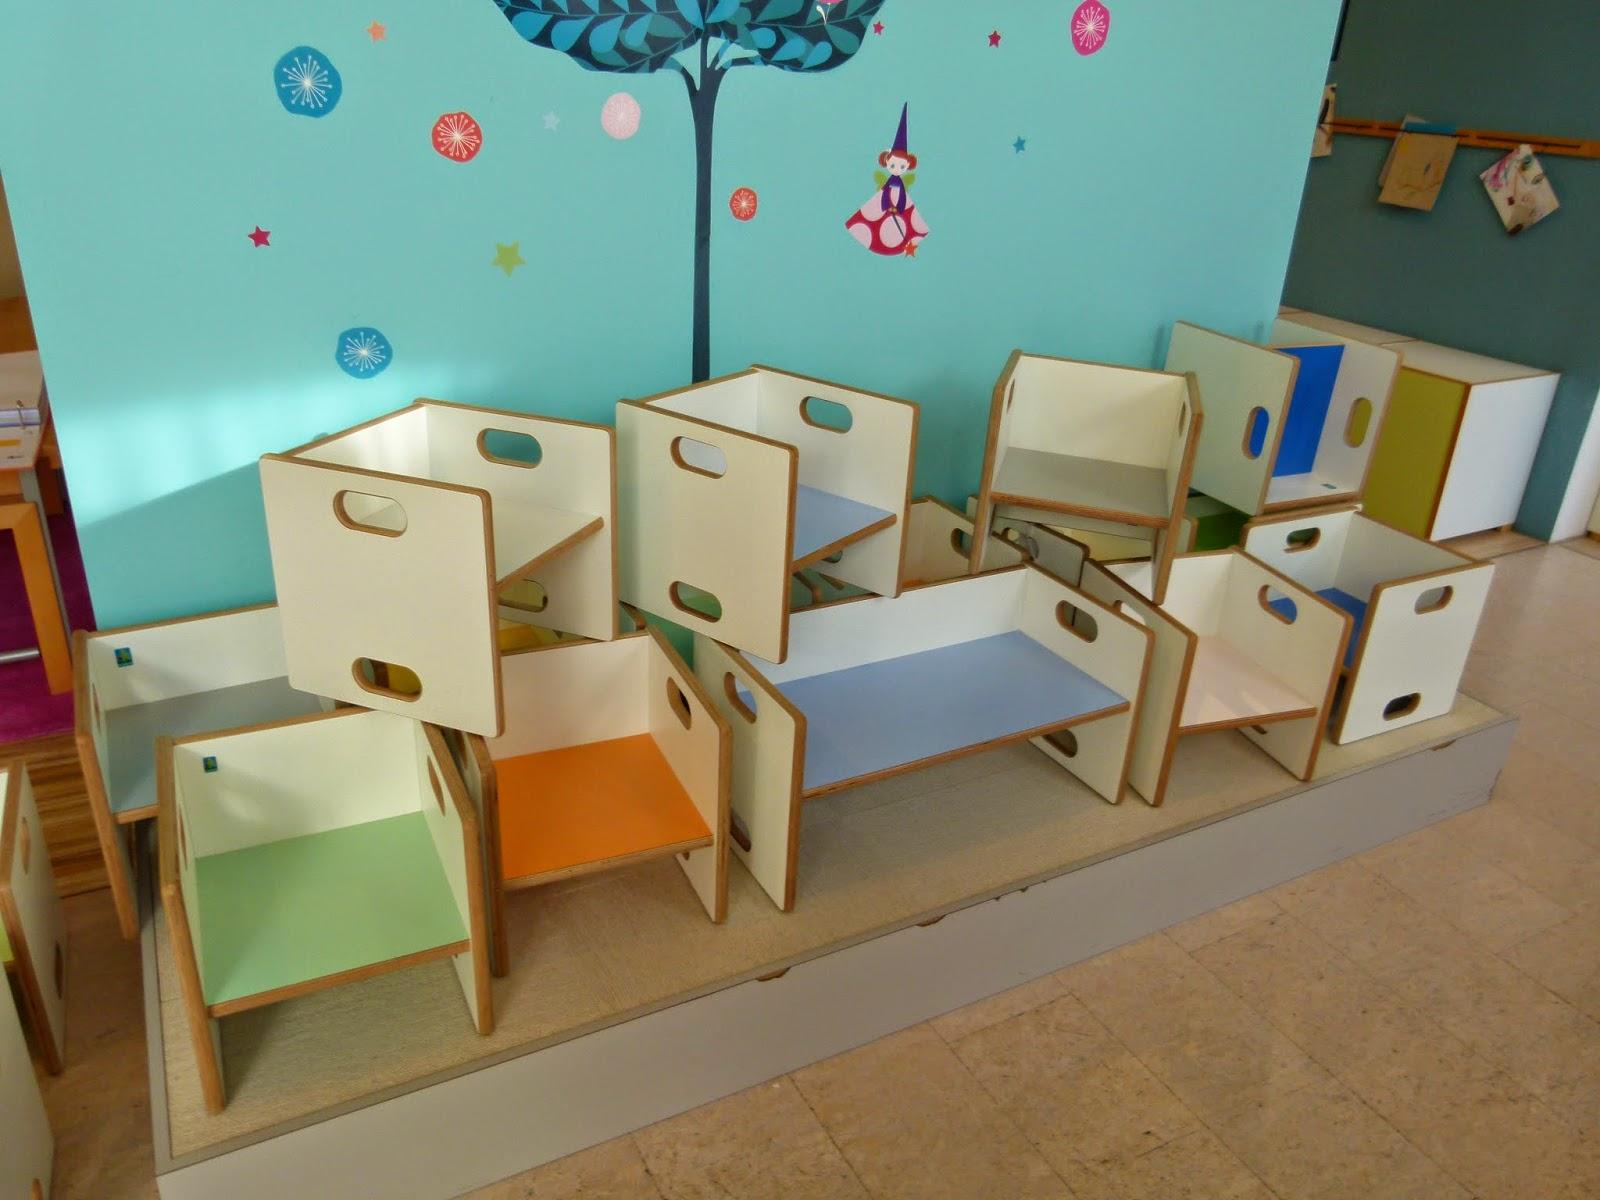 blog wunderbar2 ein kinderstuhl so findest du den richtigen stuhl. Black Bedroom Furniture Sets. Home Design Ideas